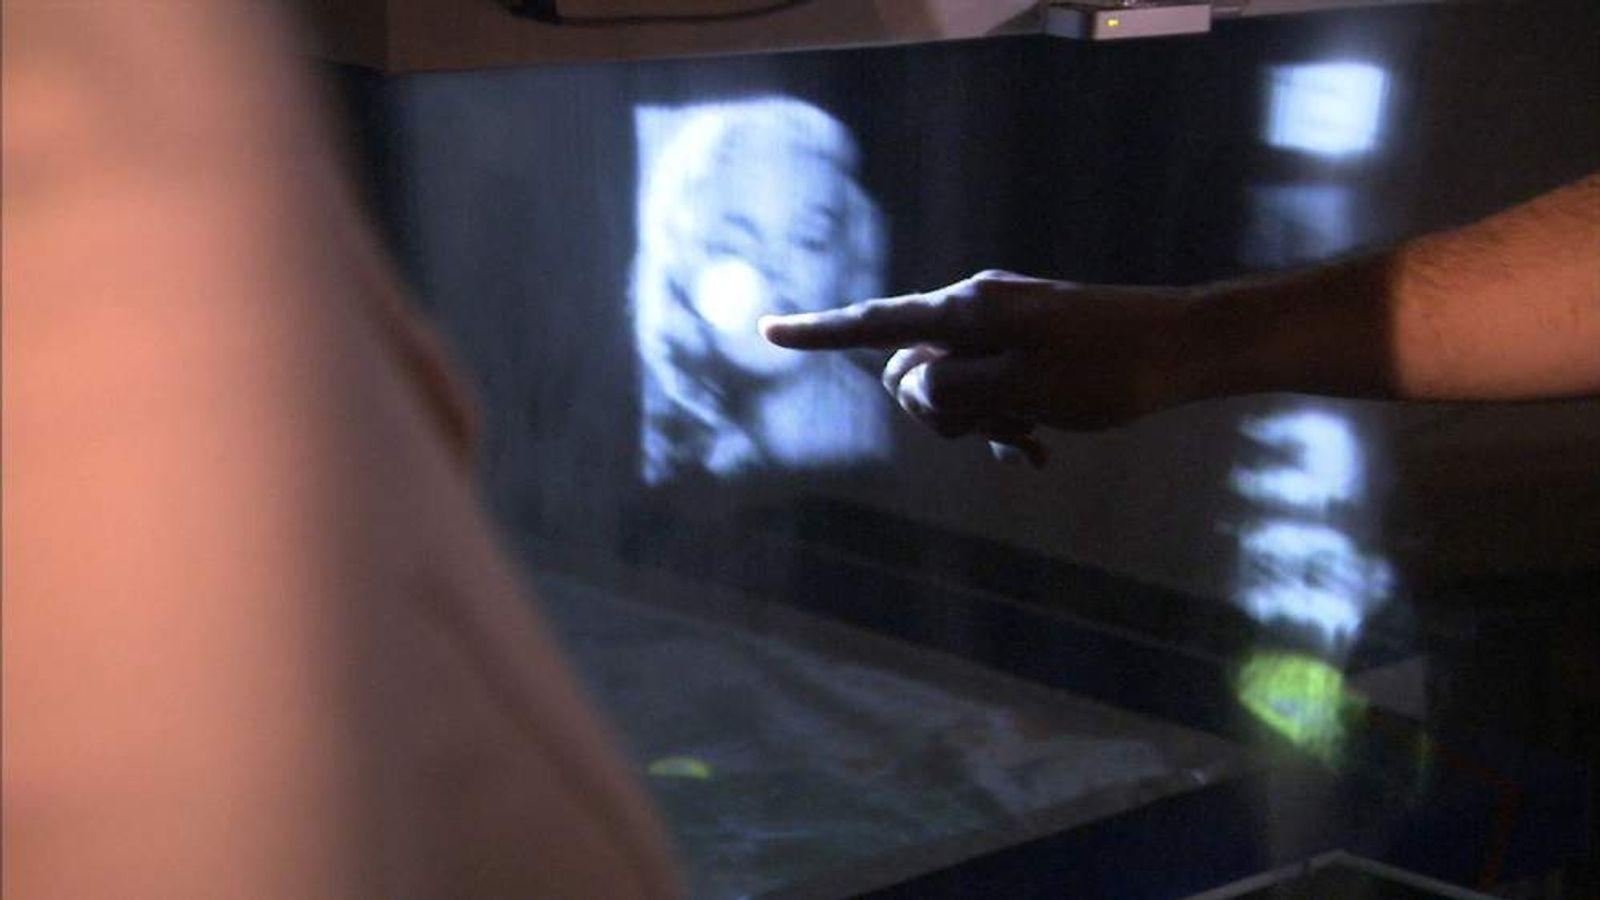 Fog screen technology